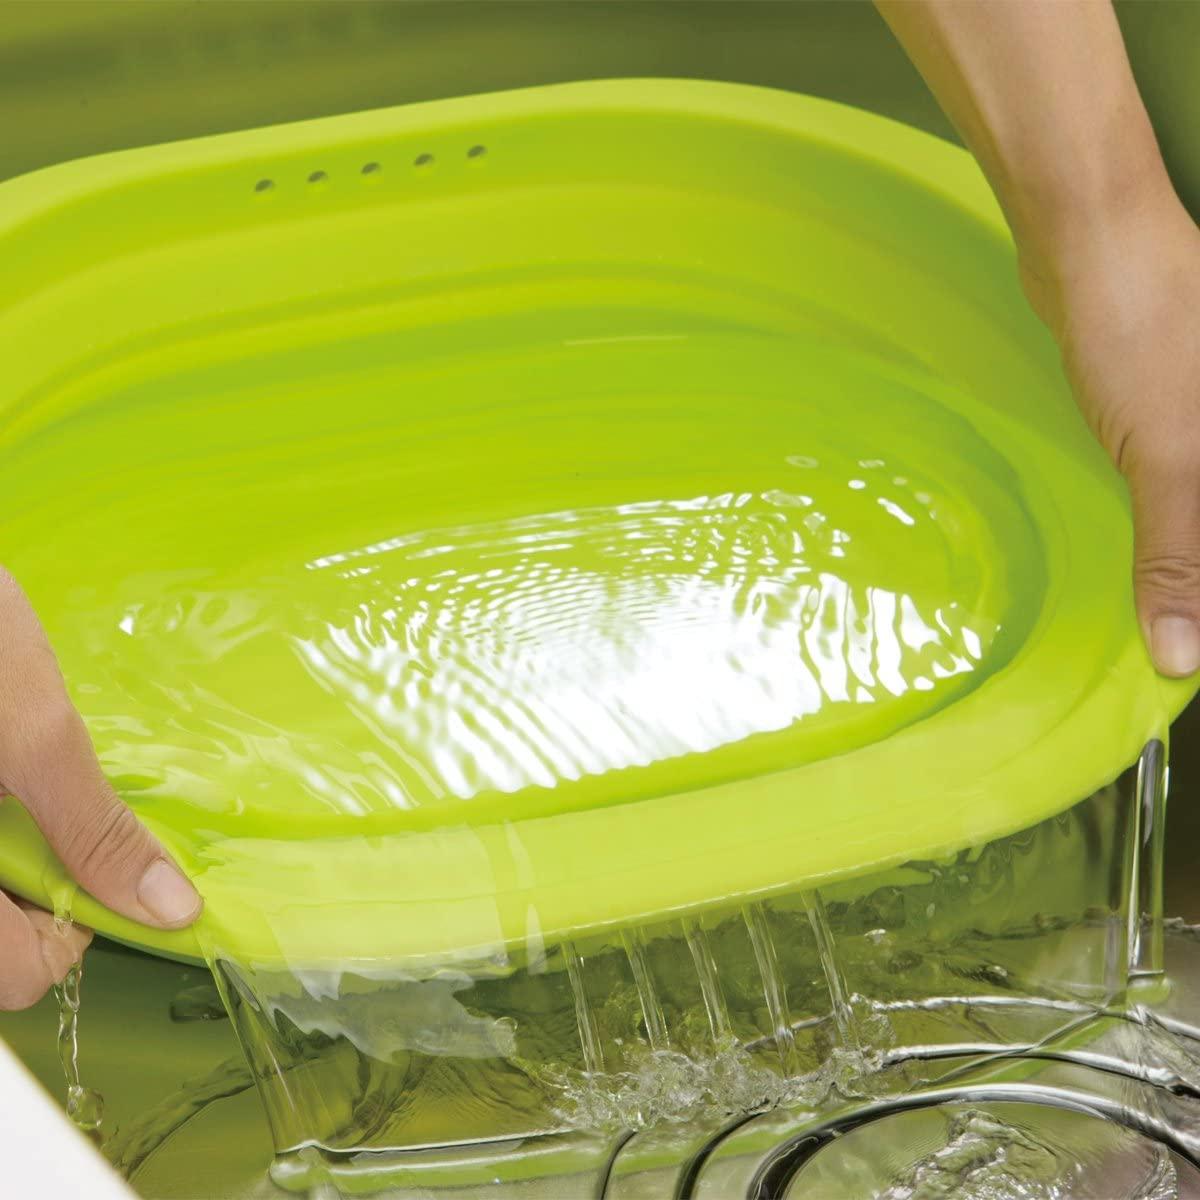 和平フレイズ(FREIZ) 洗い桶 スキッとシリコーン 。 SR-4883の商品画像3